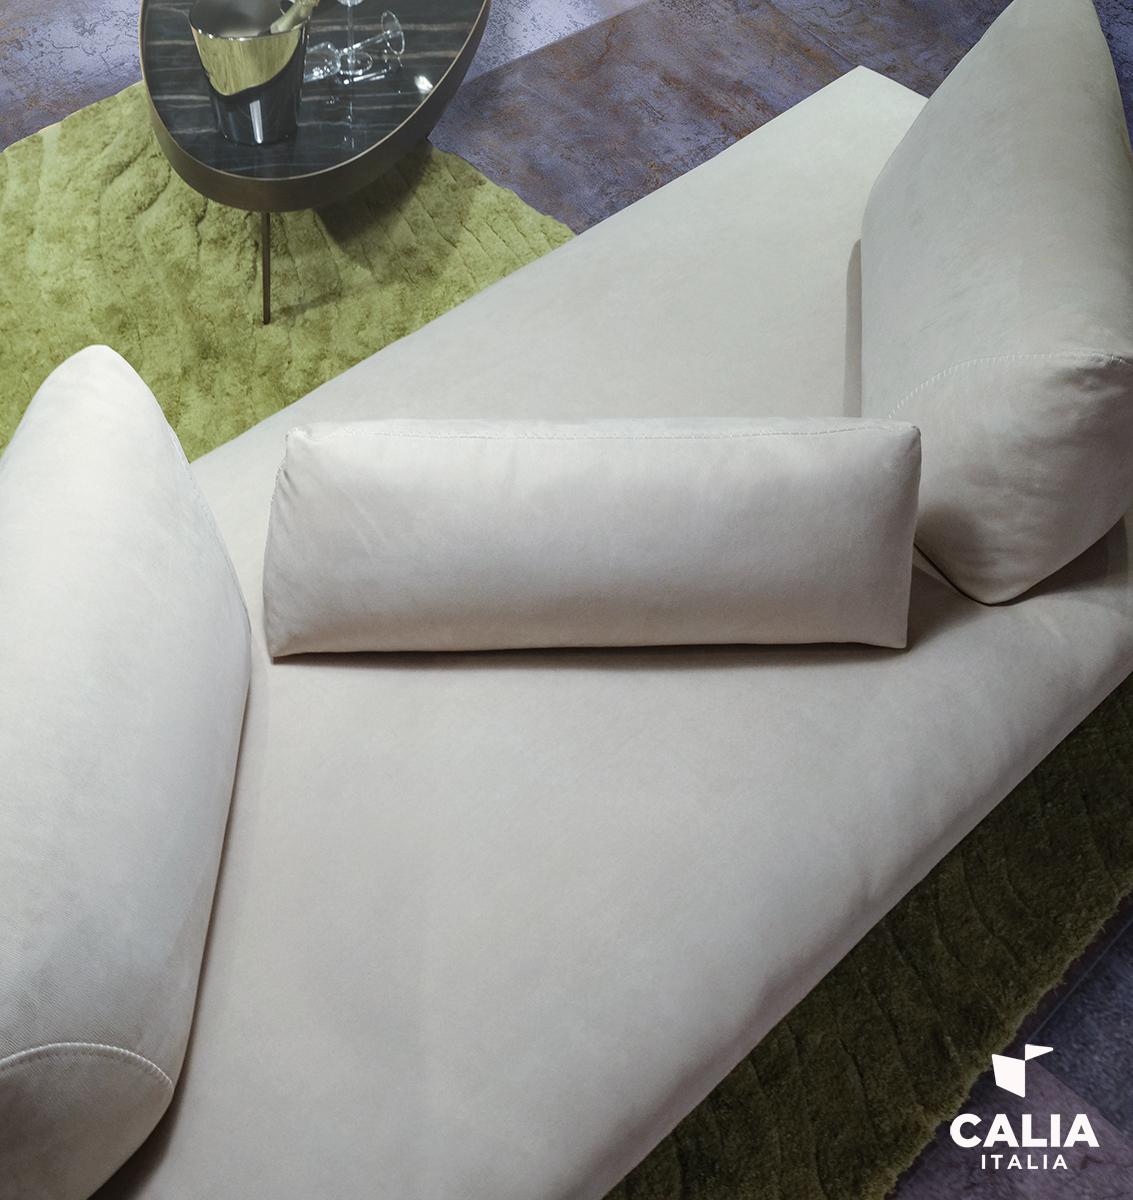 Caliaitalia - Gianduiotto